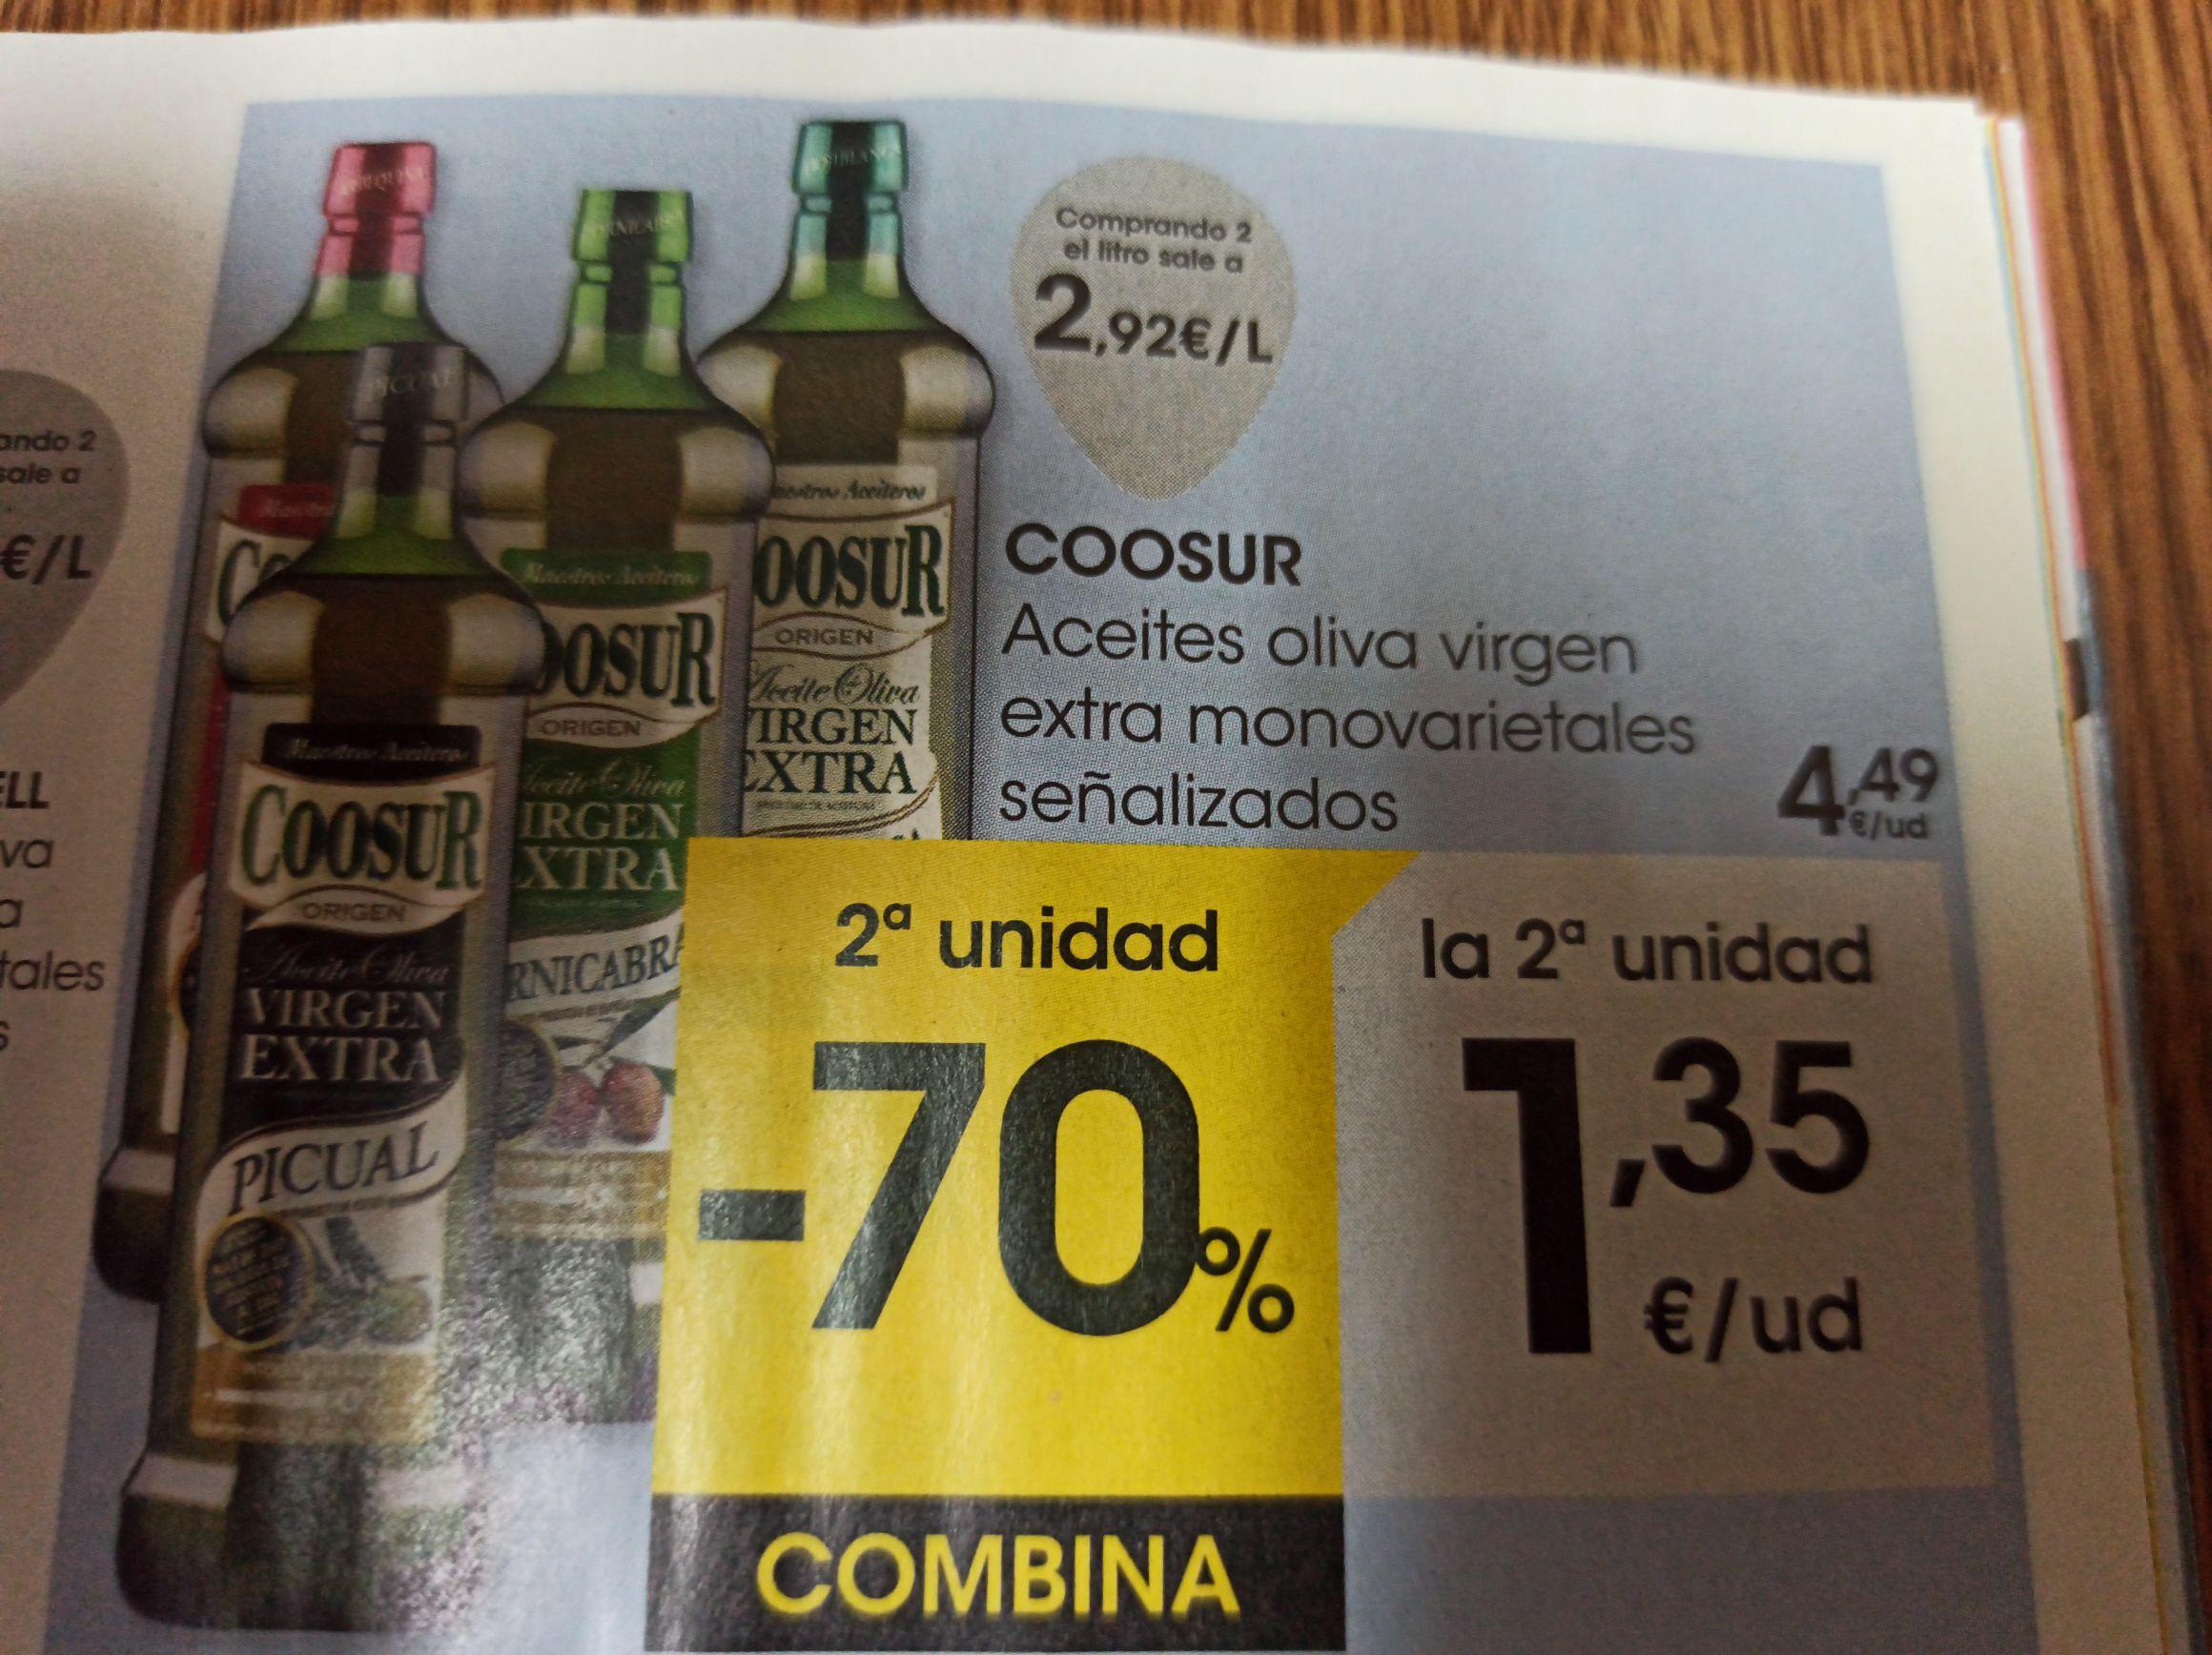 Aceite Virgen Extra Coosur, Segunda unidad al 70% de descuento en Eroski